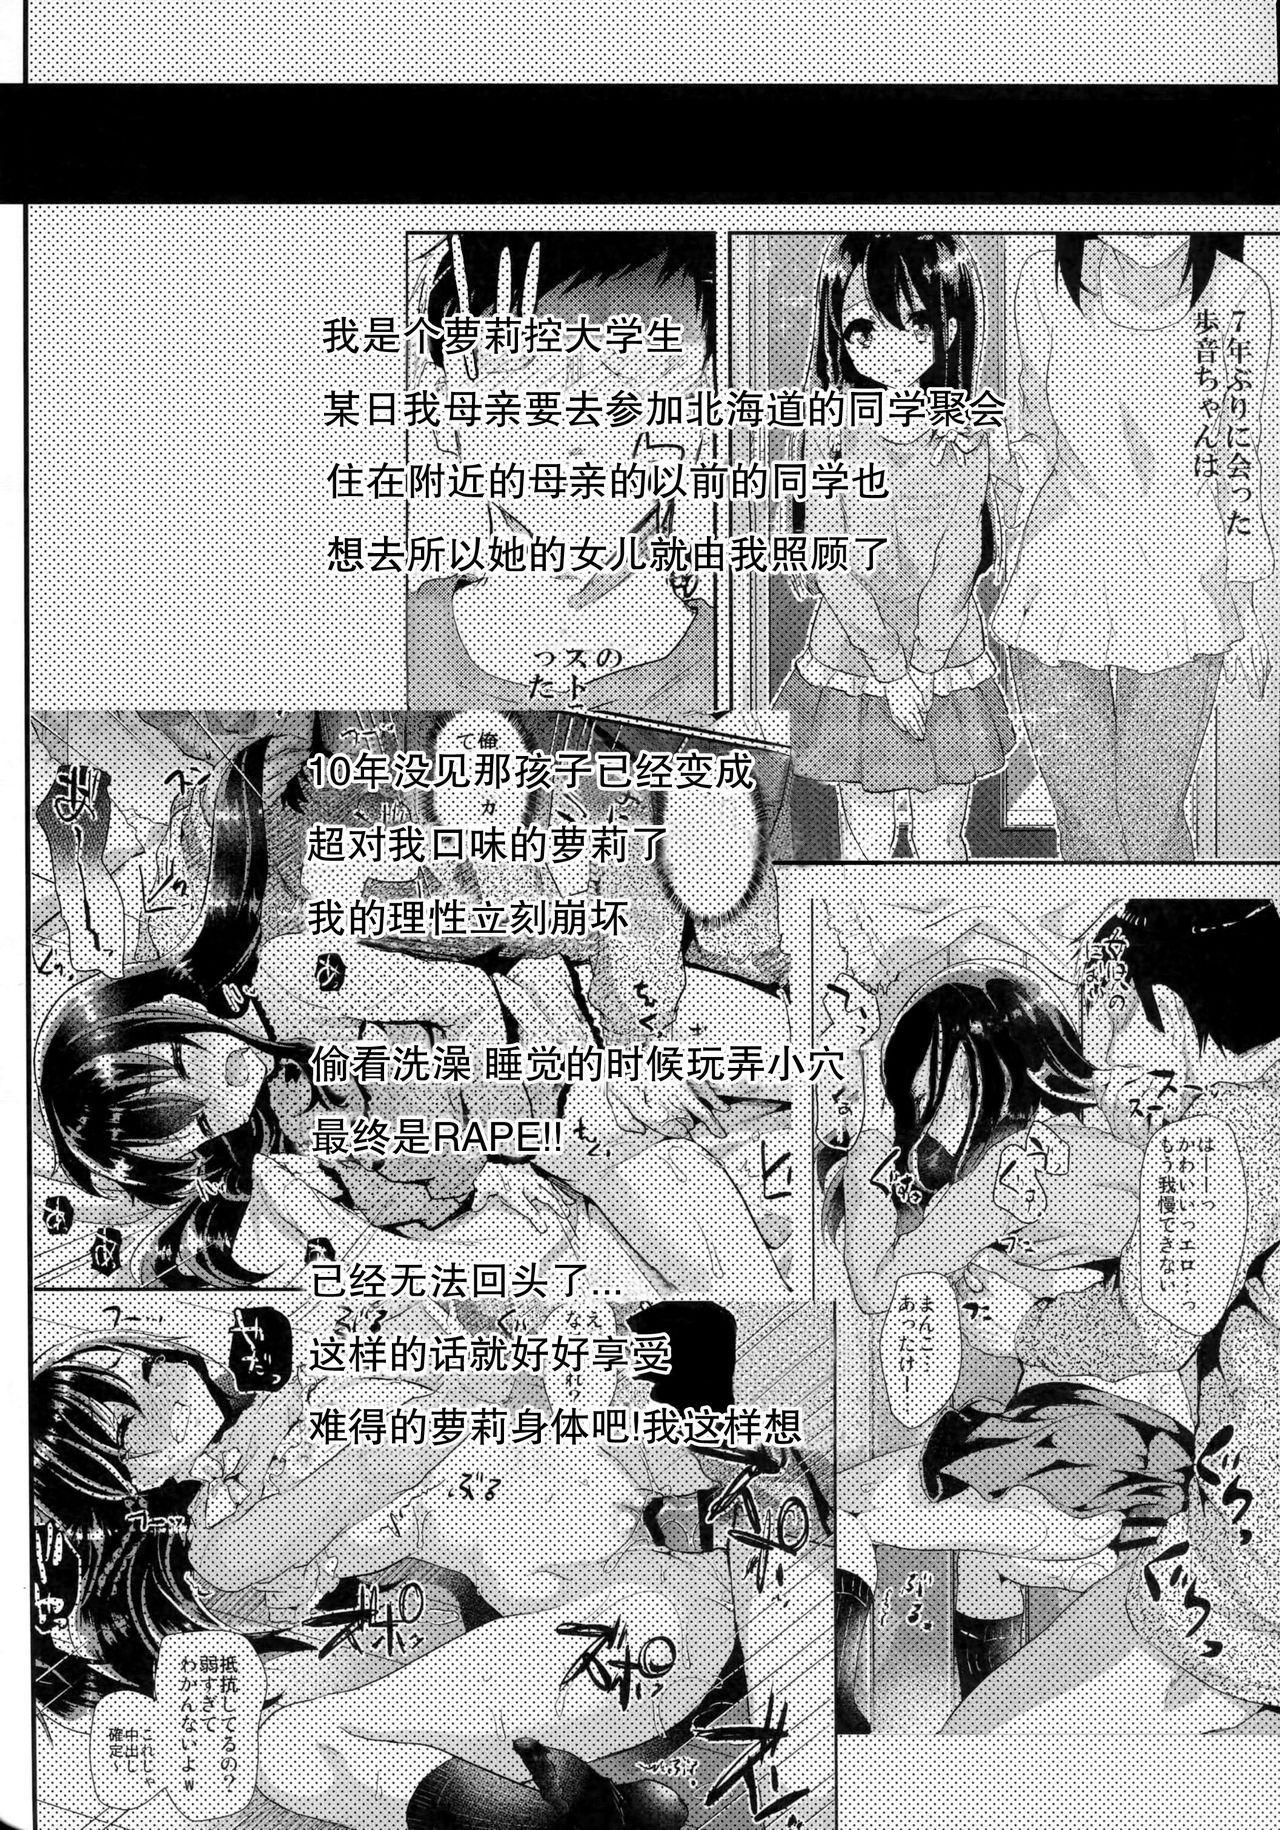 JS to Hadakanbo de Hitobanjuu Otomarishitara... 3